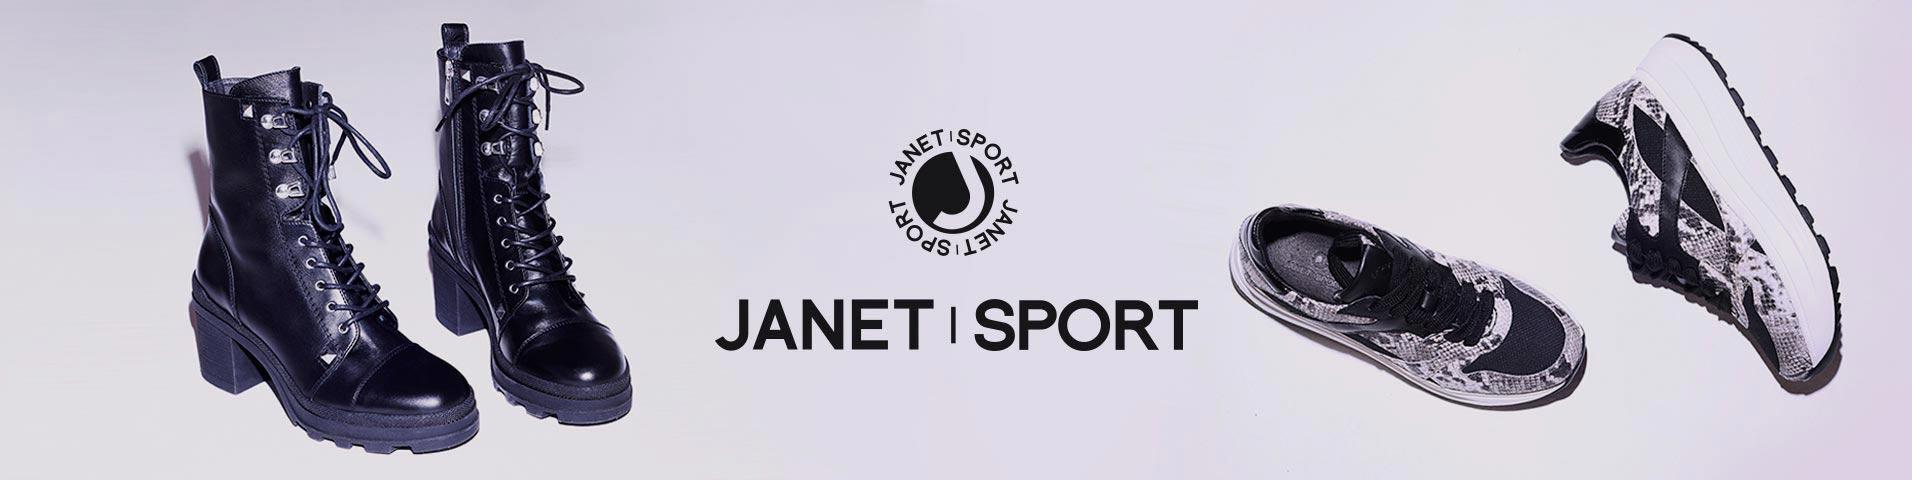 Janet Sport Schuhe für Damen versandkostenfrei kaufen  ZALANDO